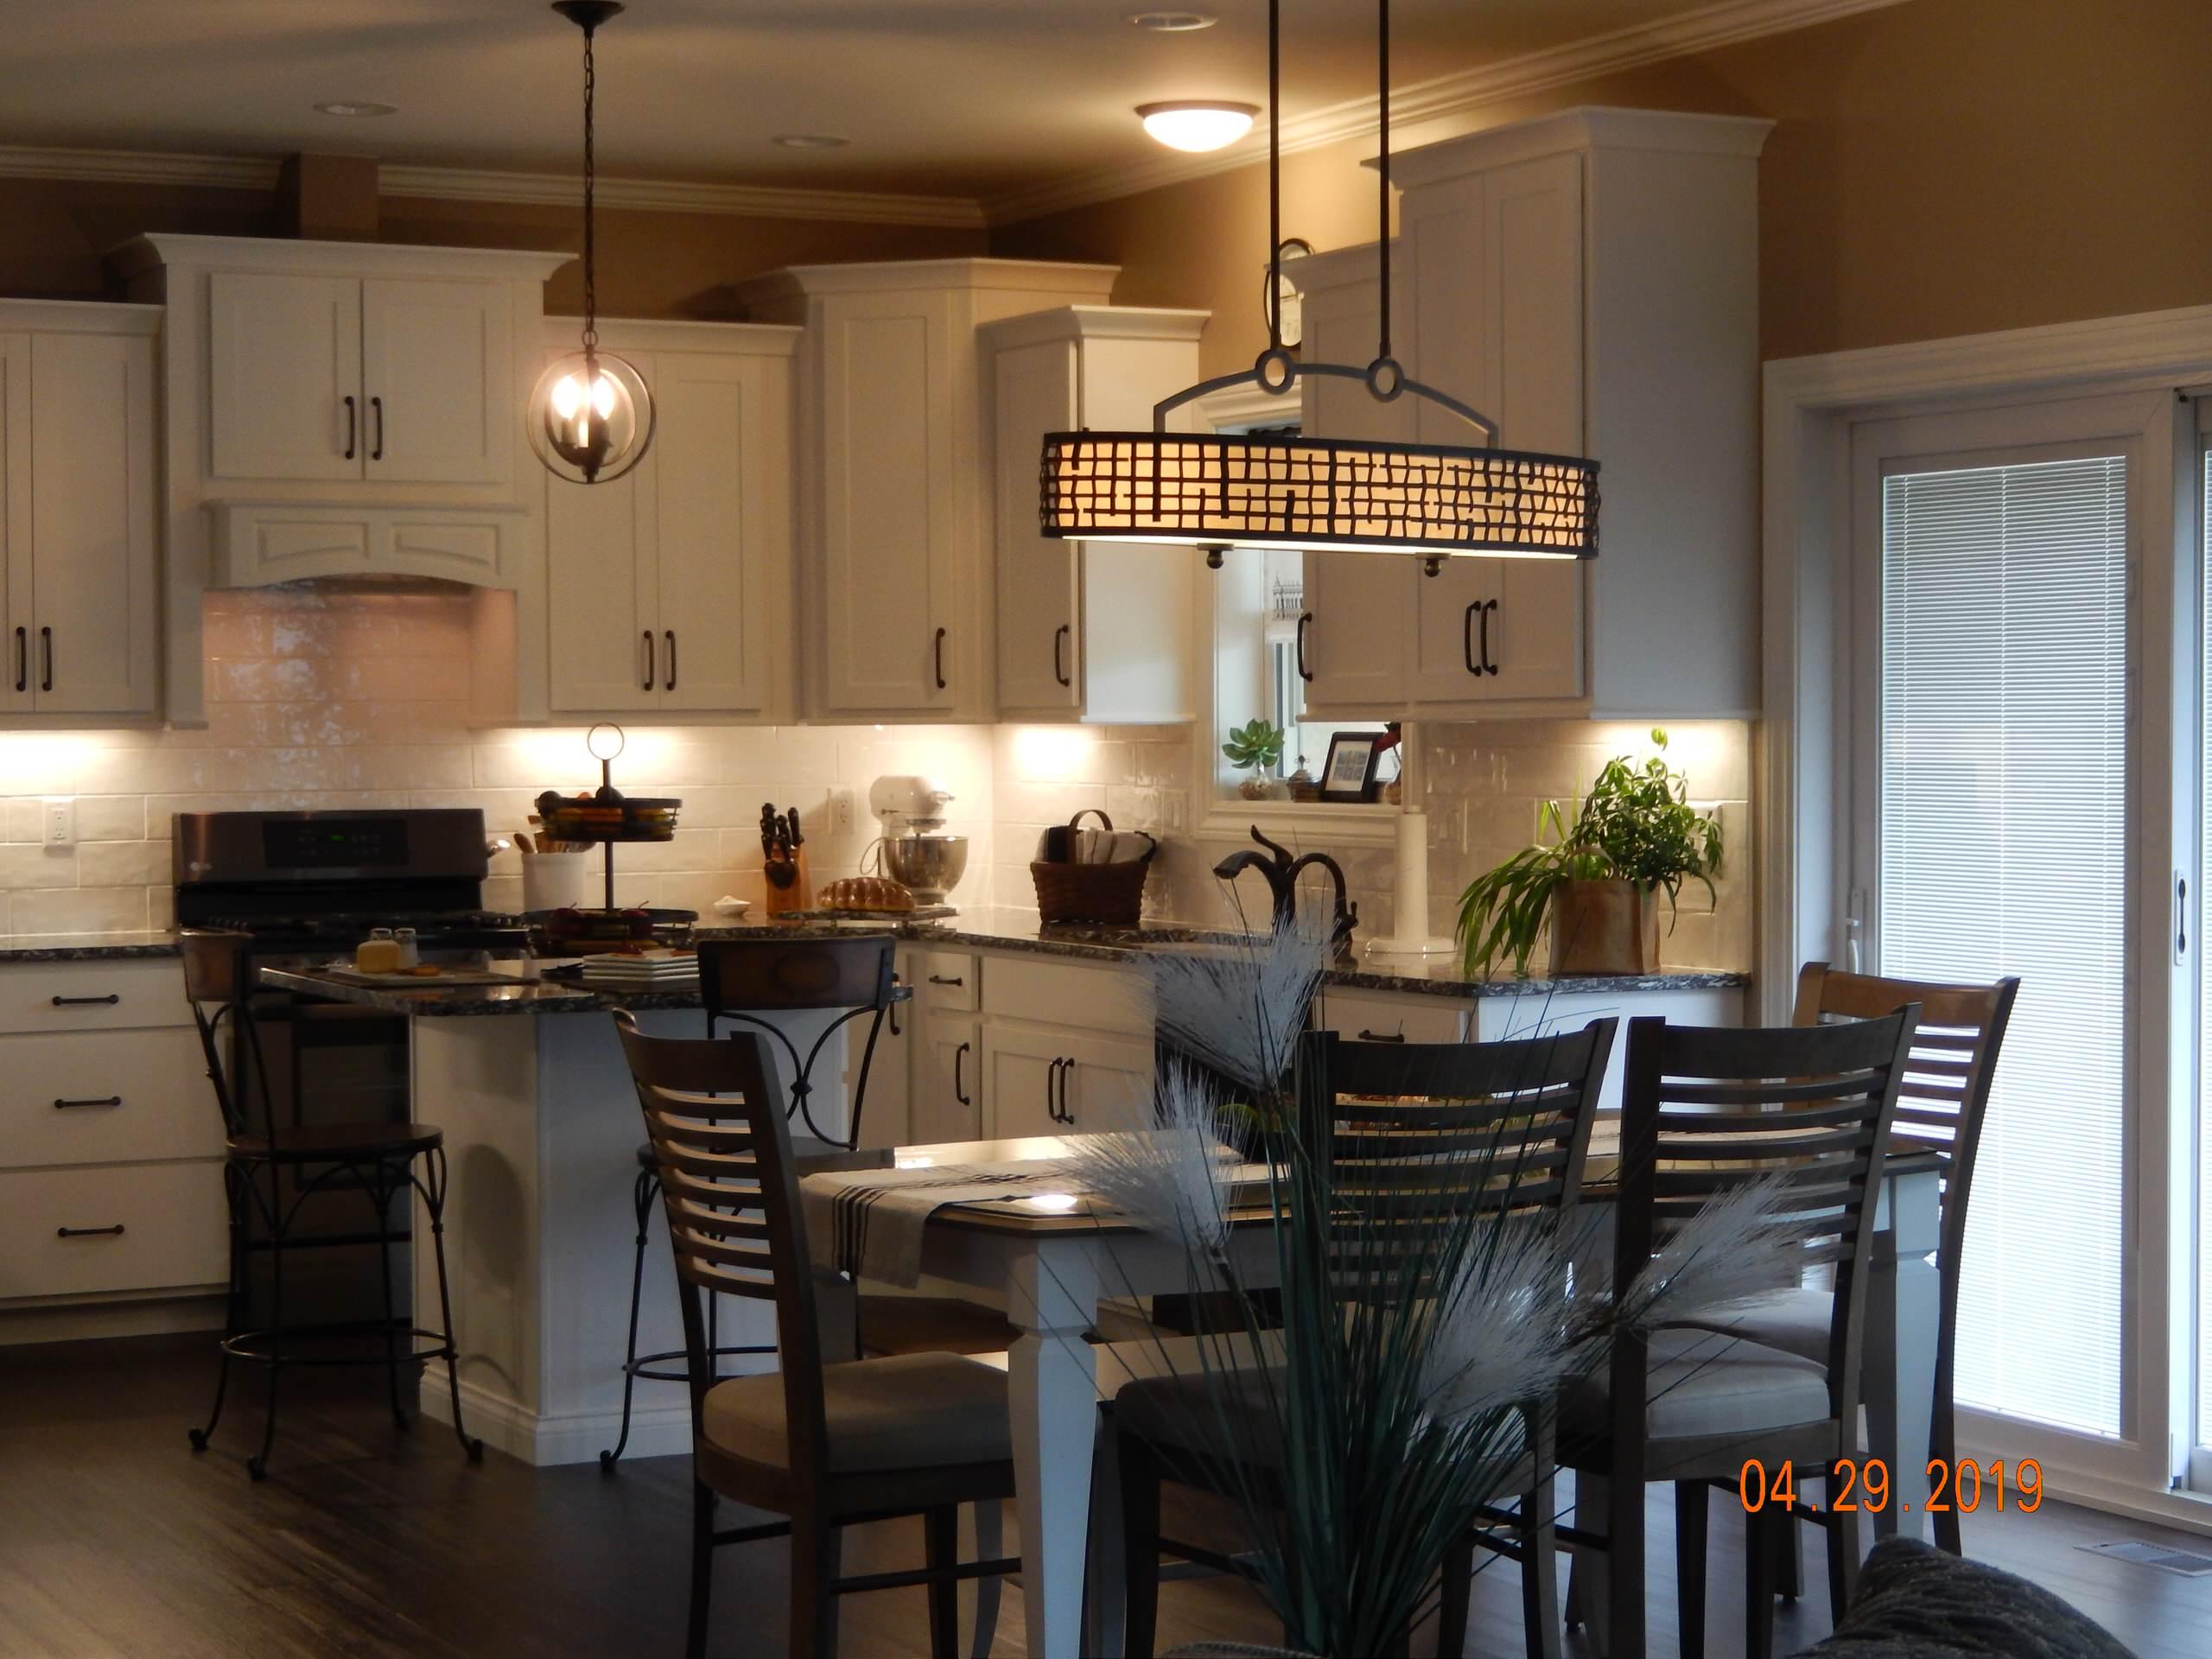 Contemporary Craftsman kitchen